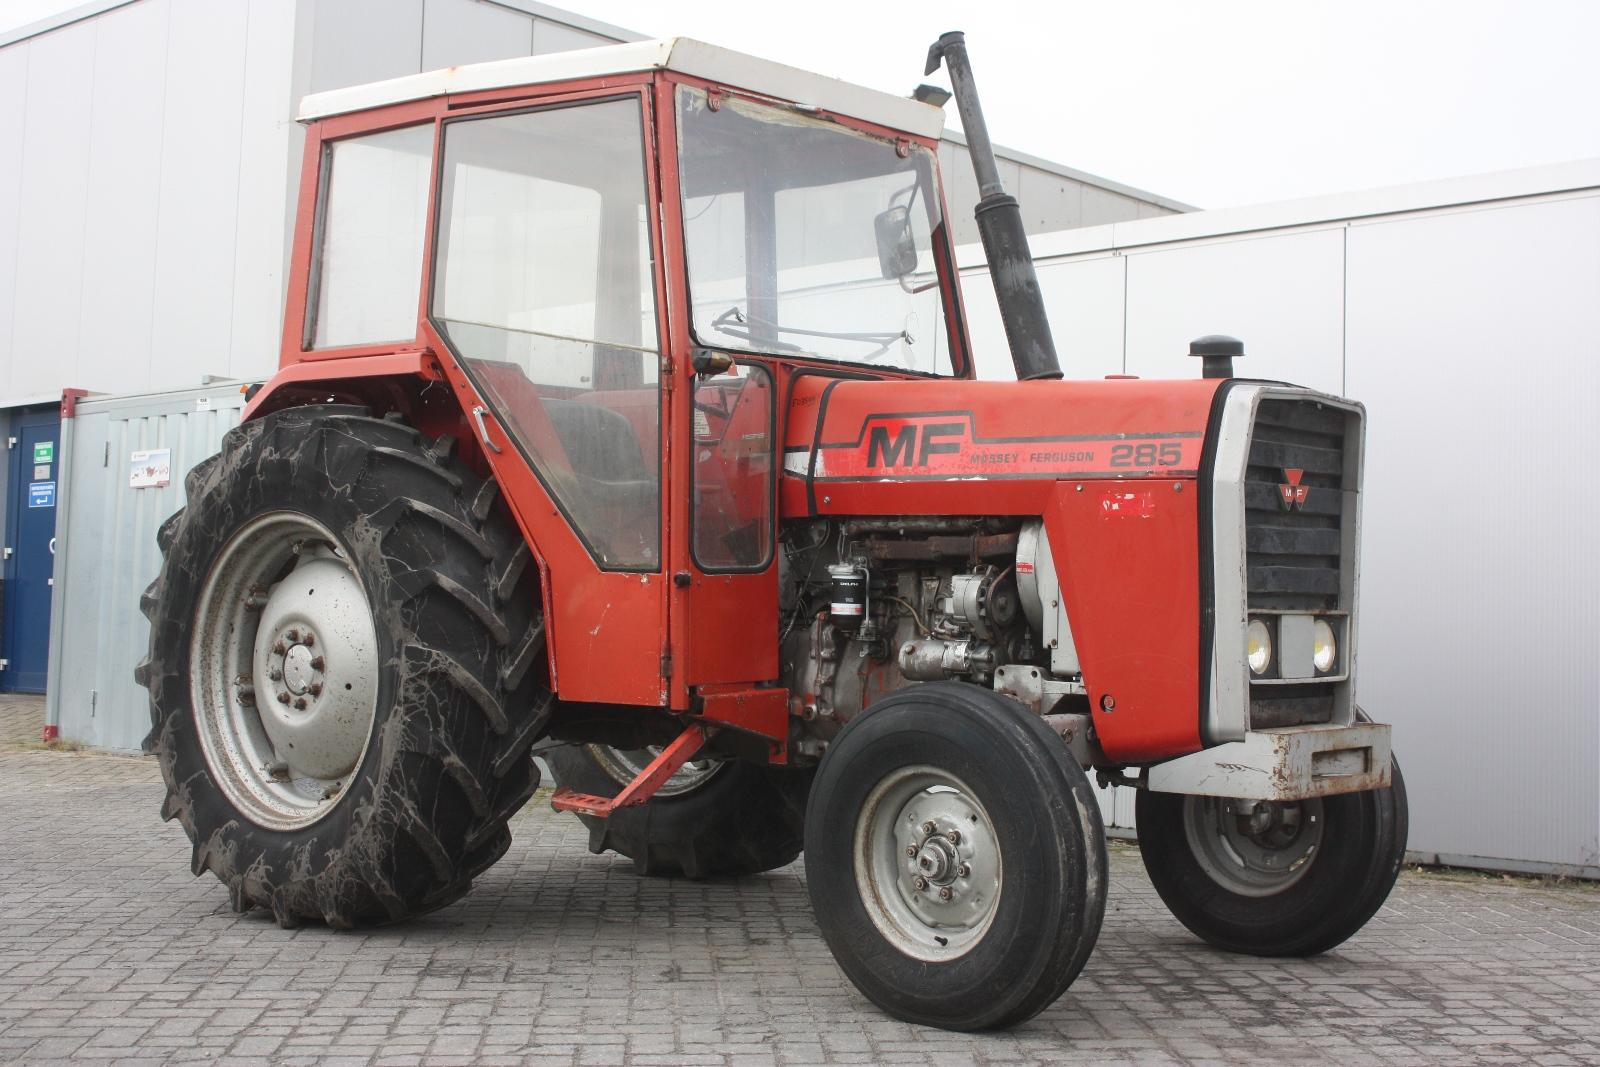 Massey Ferguson 285 Tractor Information : Massey ferguson agricultural tractor van dijk